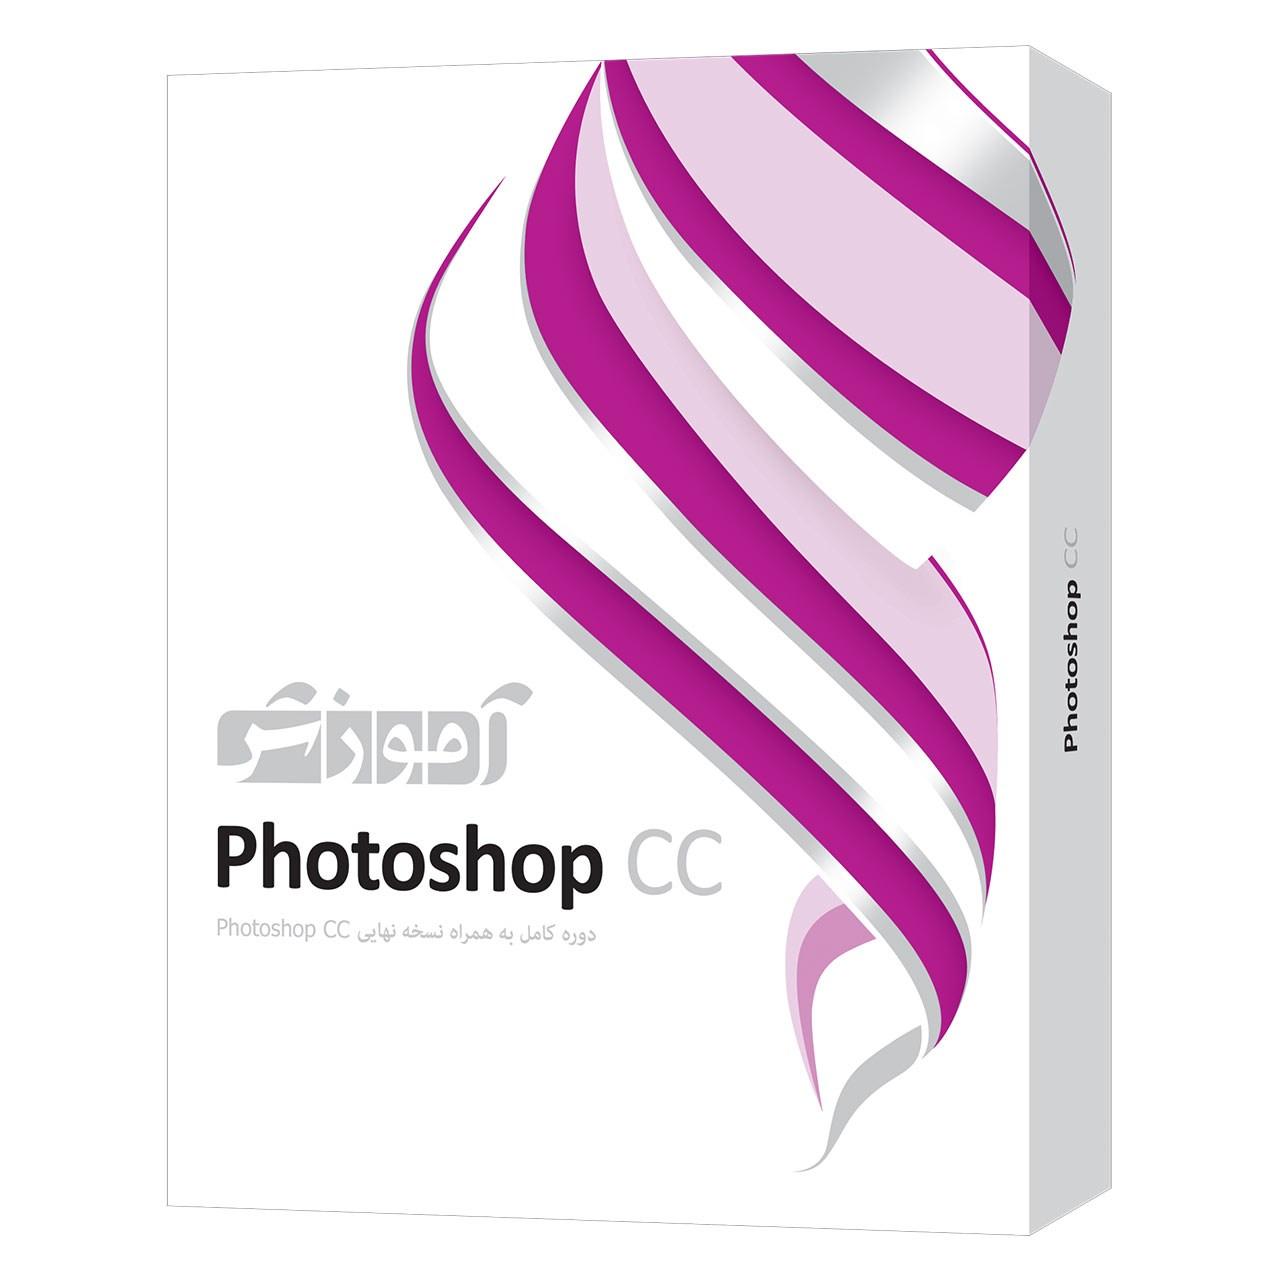 نرم افزار آموزش Photoshop CC شرکت پرند